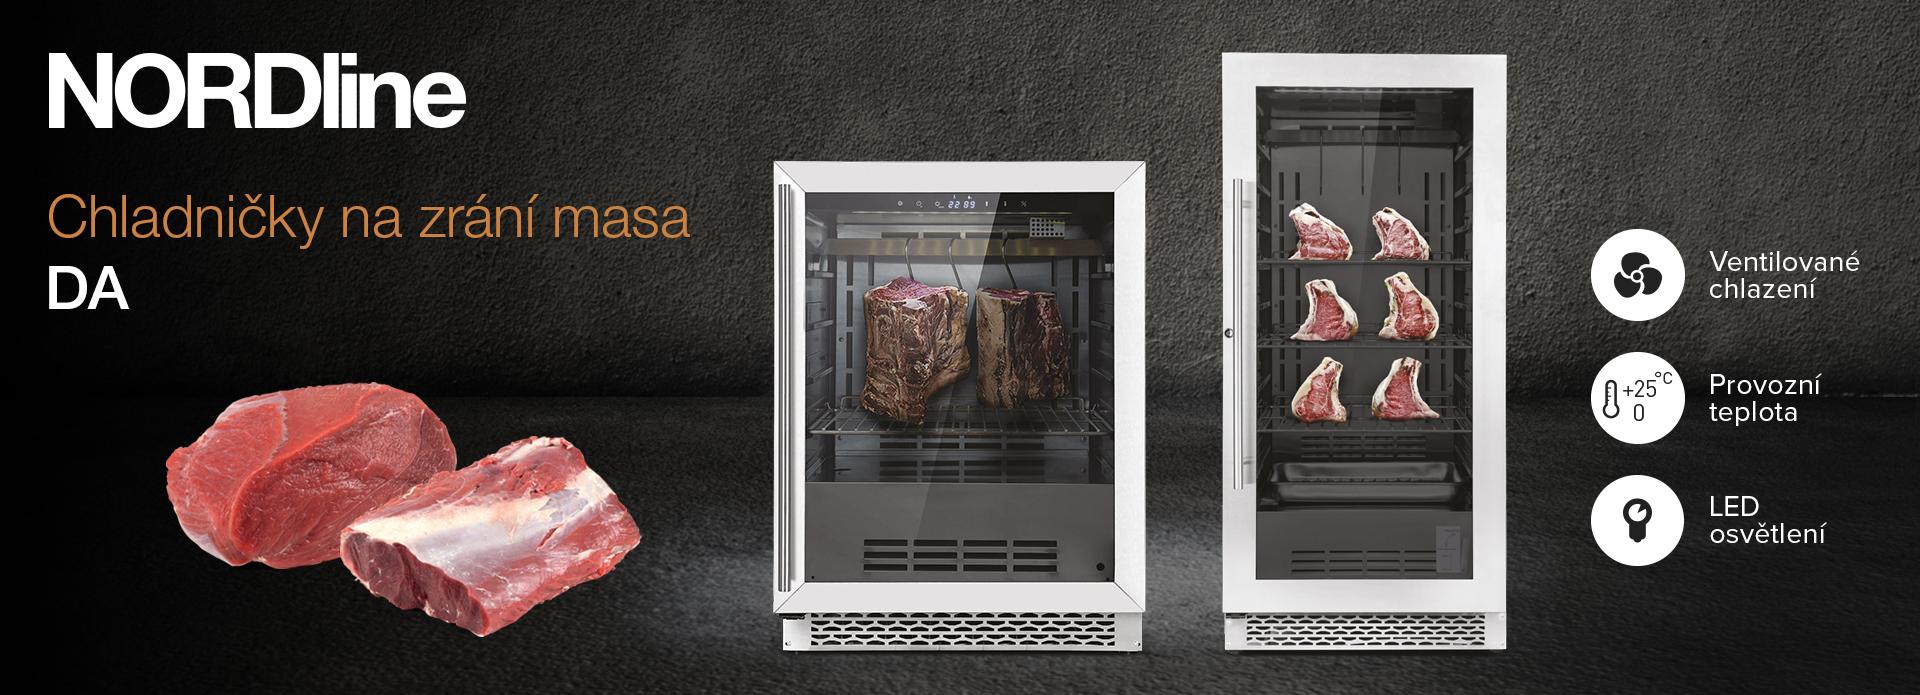 Chladničky na zrání masa